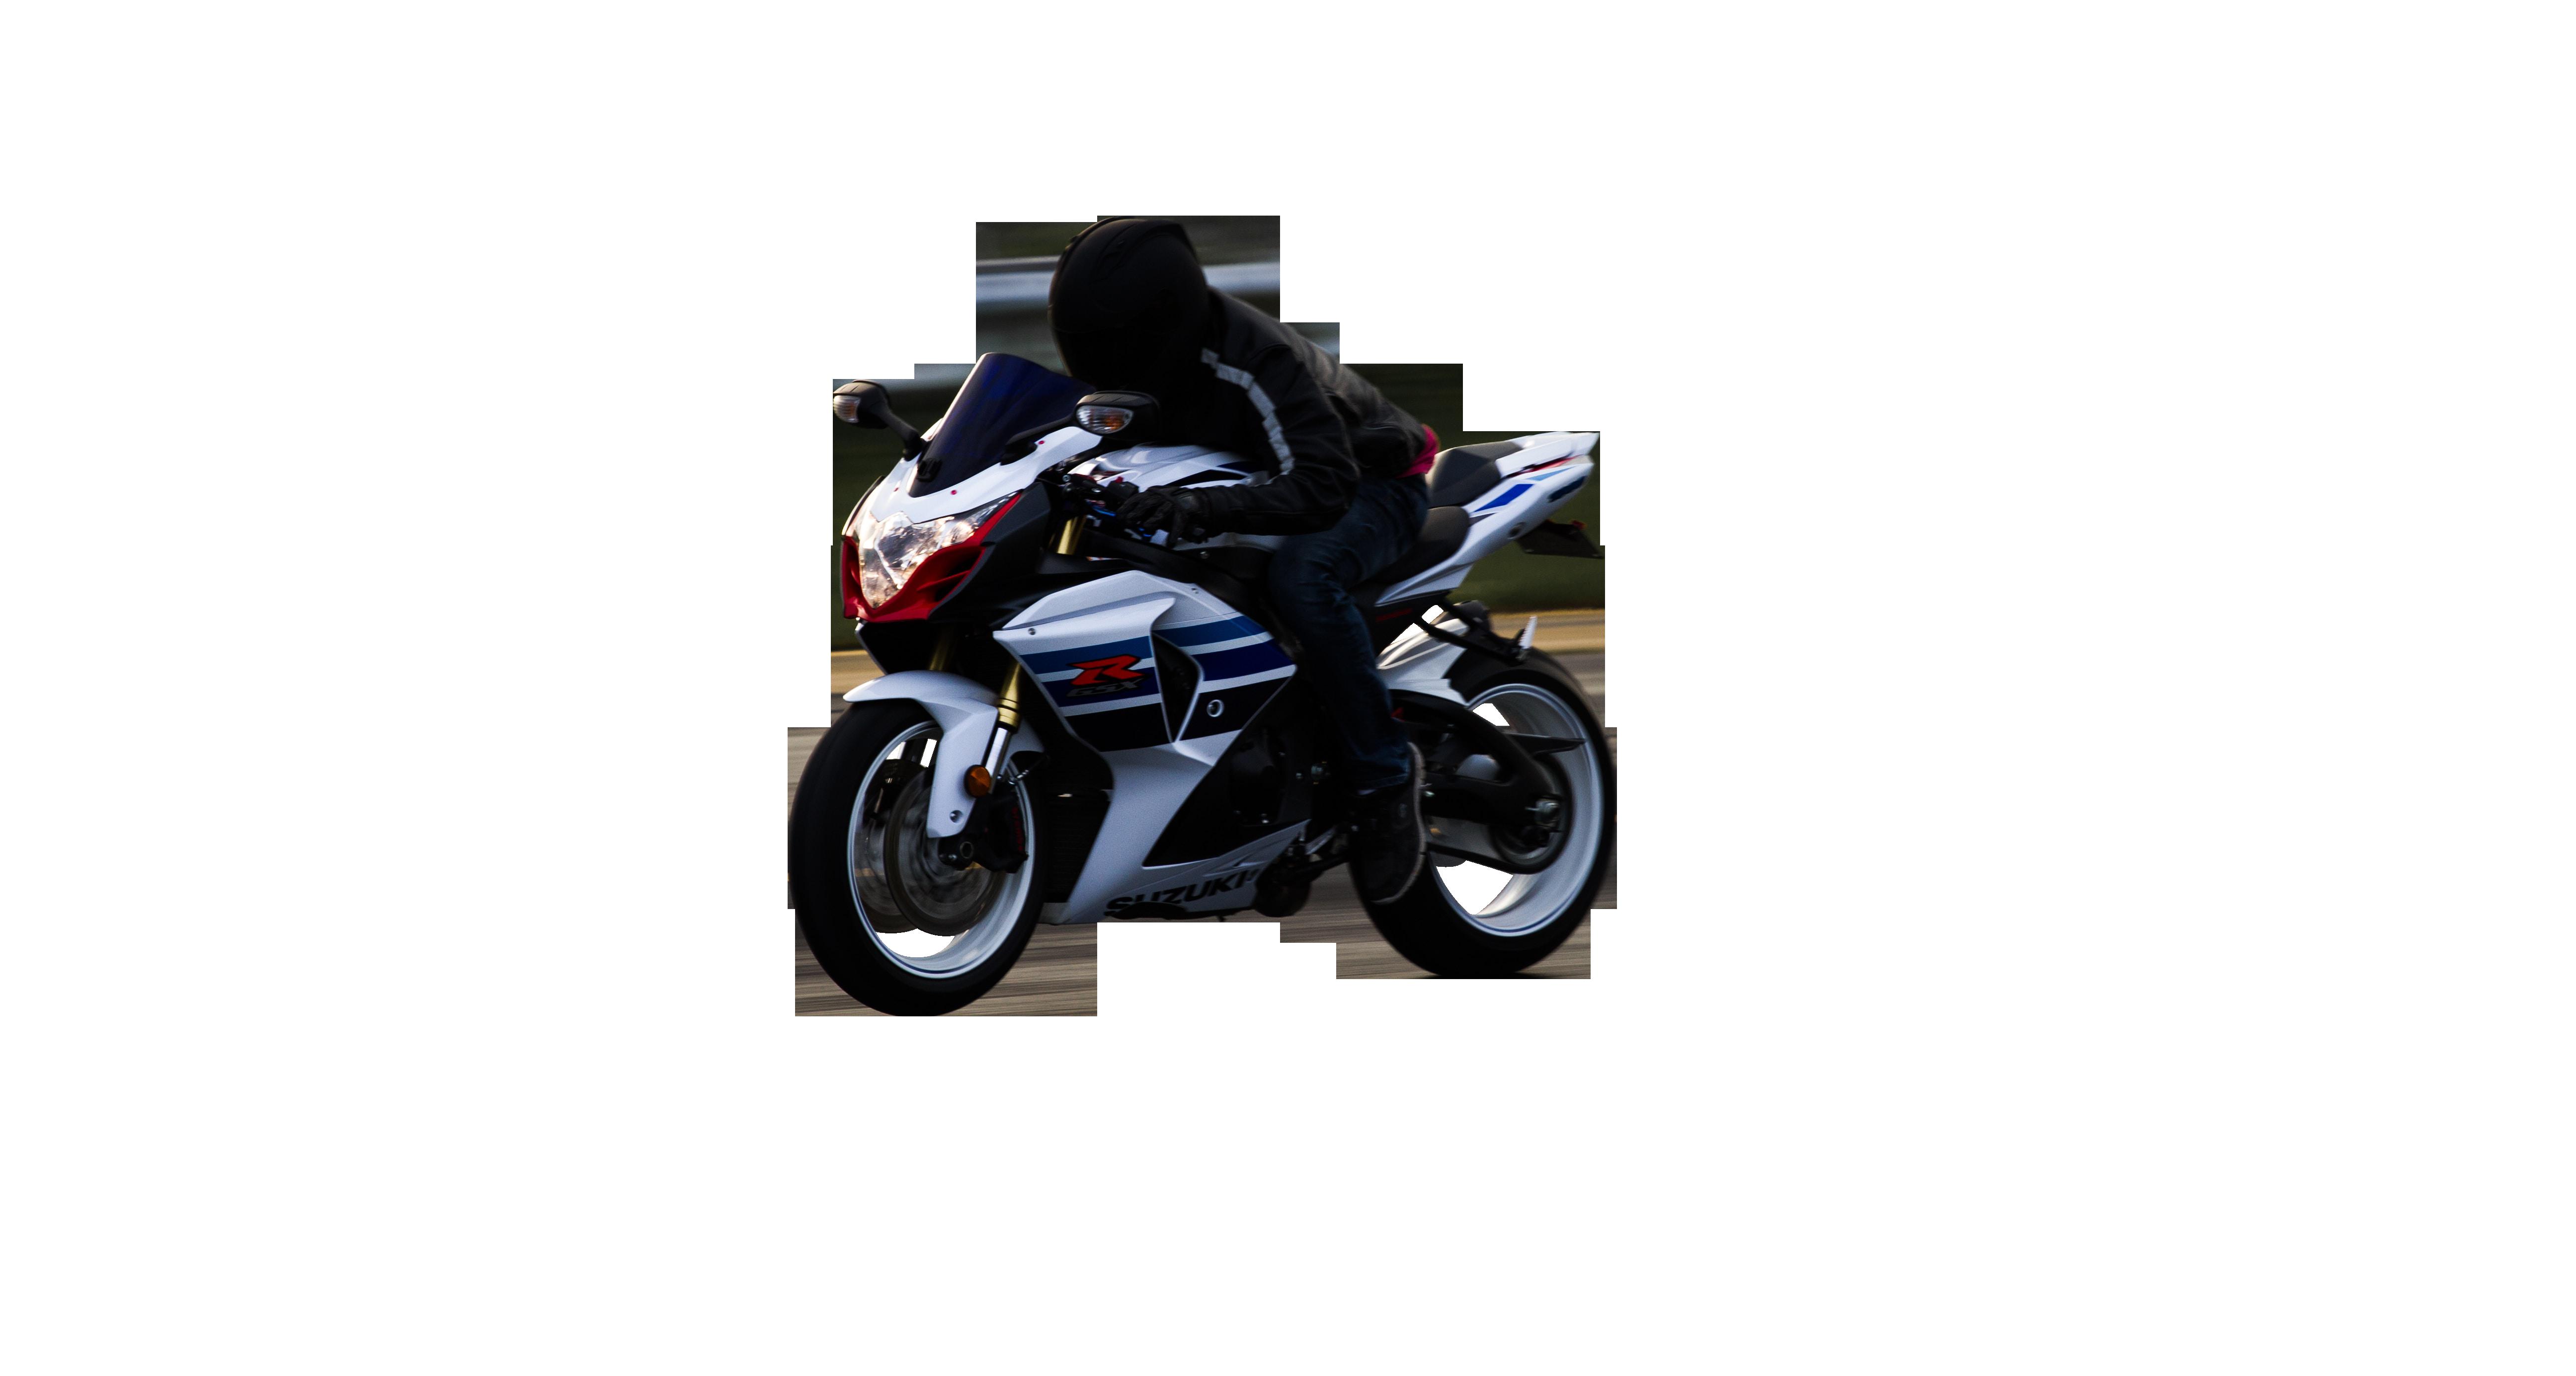 Black Motor Bike Transparent Background PNG